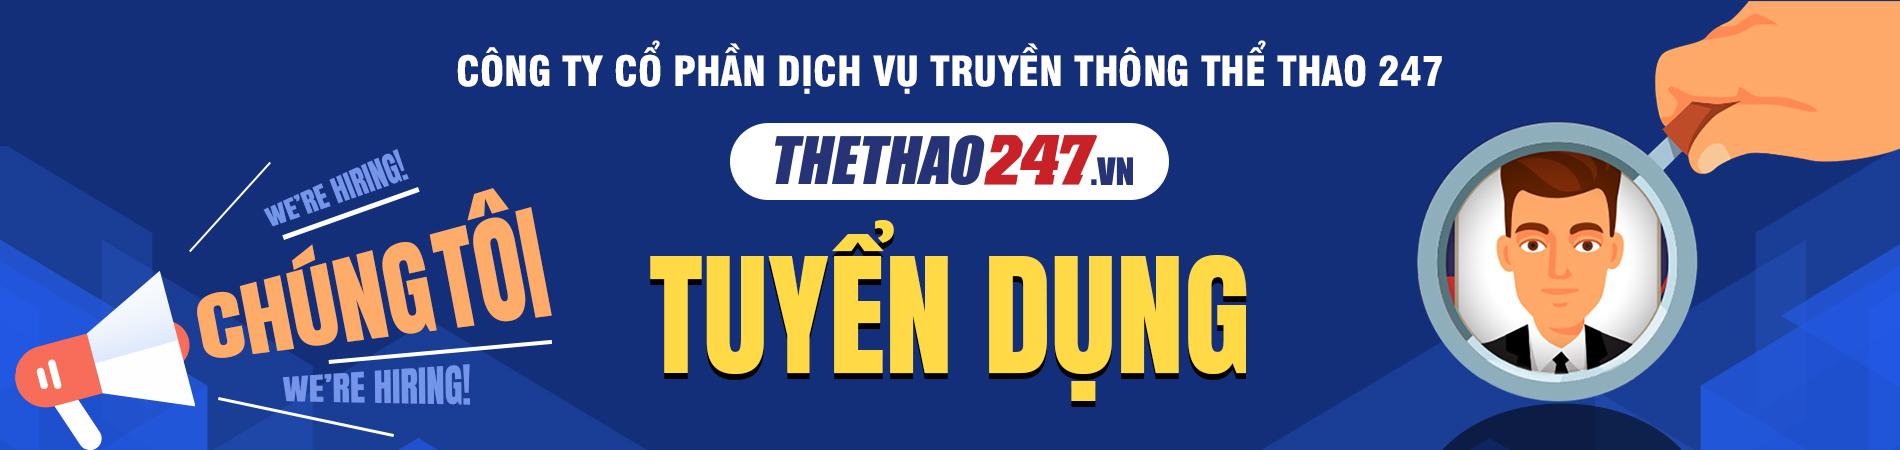 Banner Công ty cổ phần dịch vụ truyền thông thể thao 247